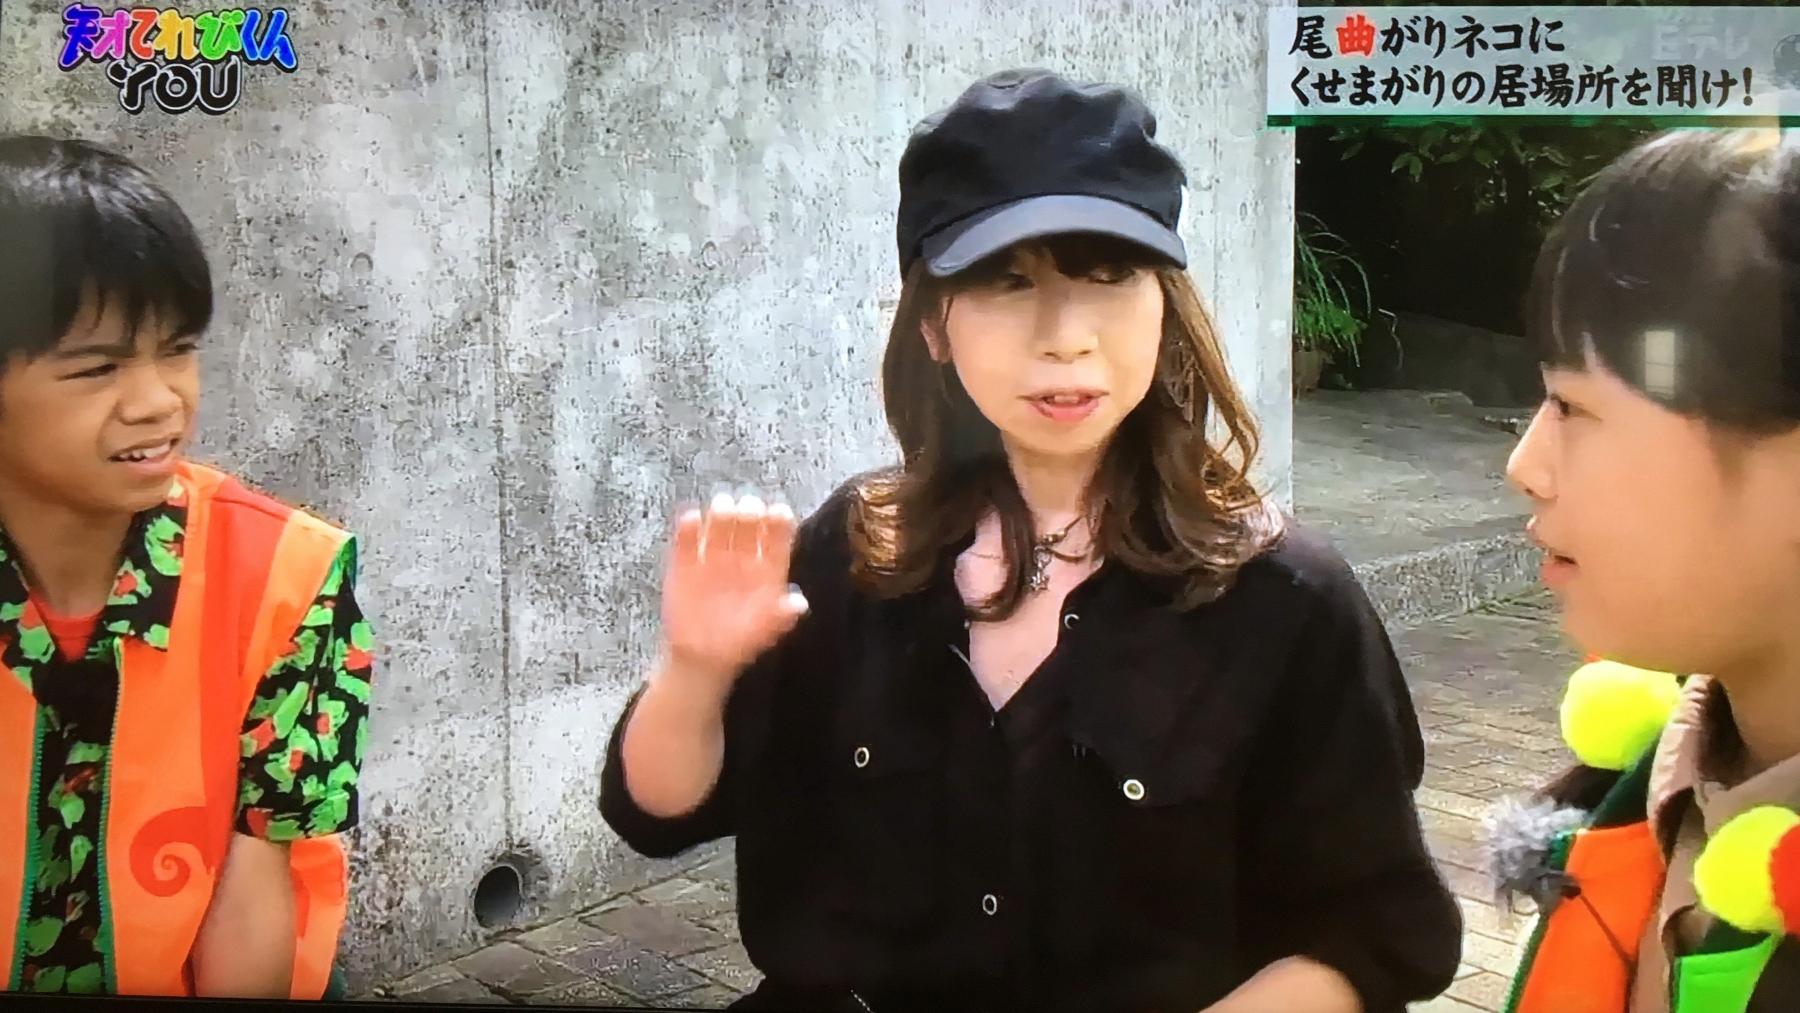 NHK「天才てれびくんYOU」出演